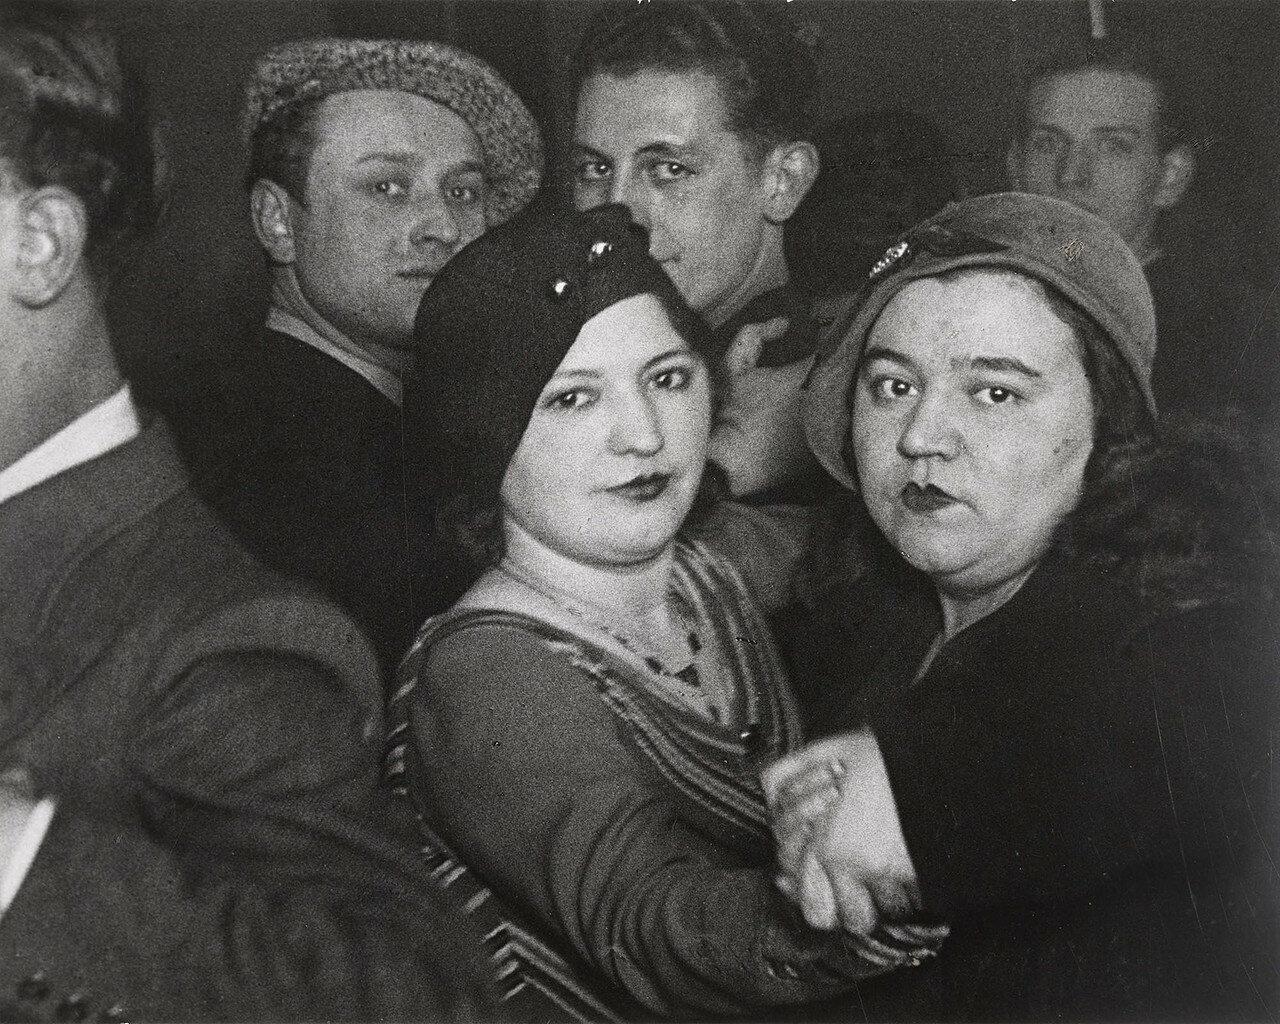 1932. Дансинг «Мэджик Сити» для гомосексуалистов на рю де ла Монтань Сент-Женевьев. Лесбийская пара